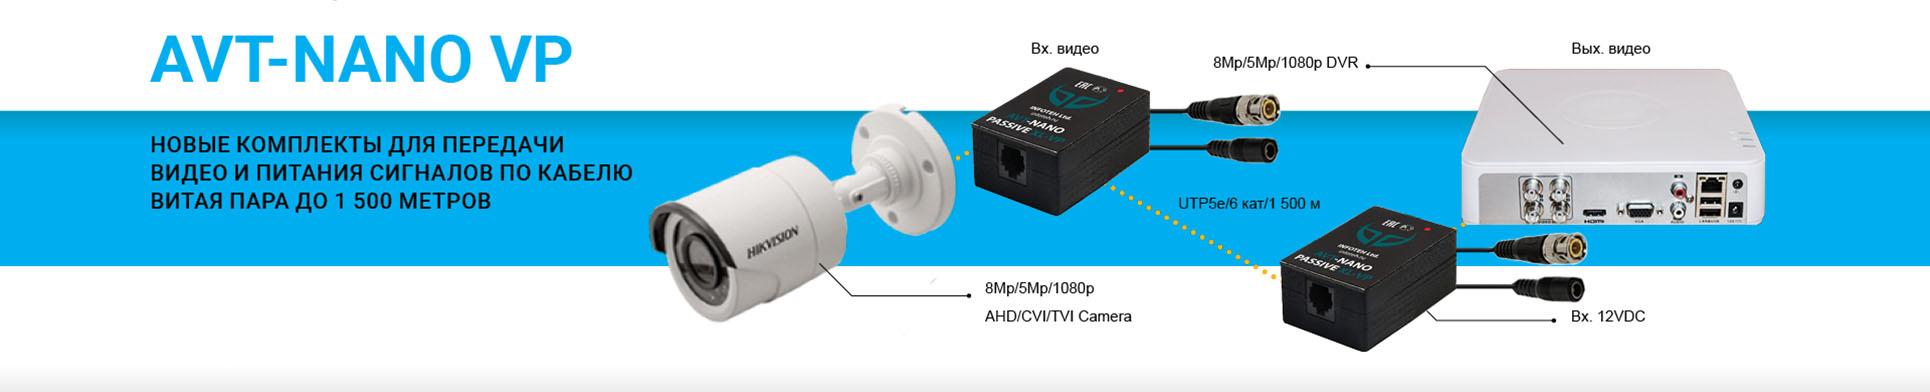 Новые комплекты для передачи видео и питания сигналов по кабелю витая пара до 1500 метров – AVT-NANO VP